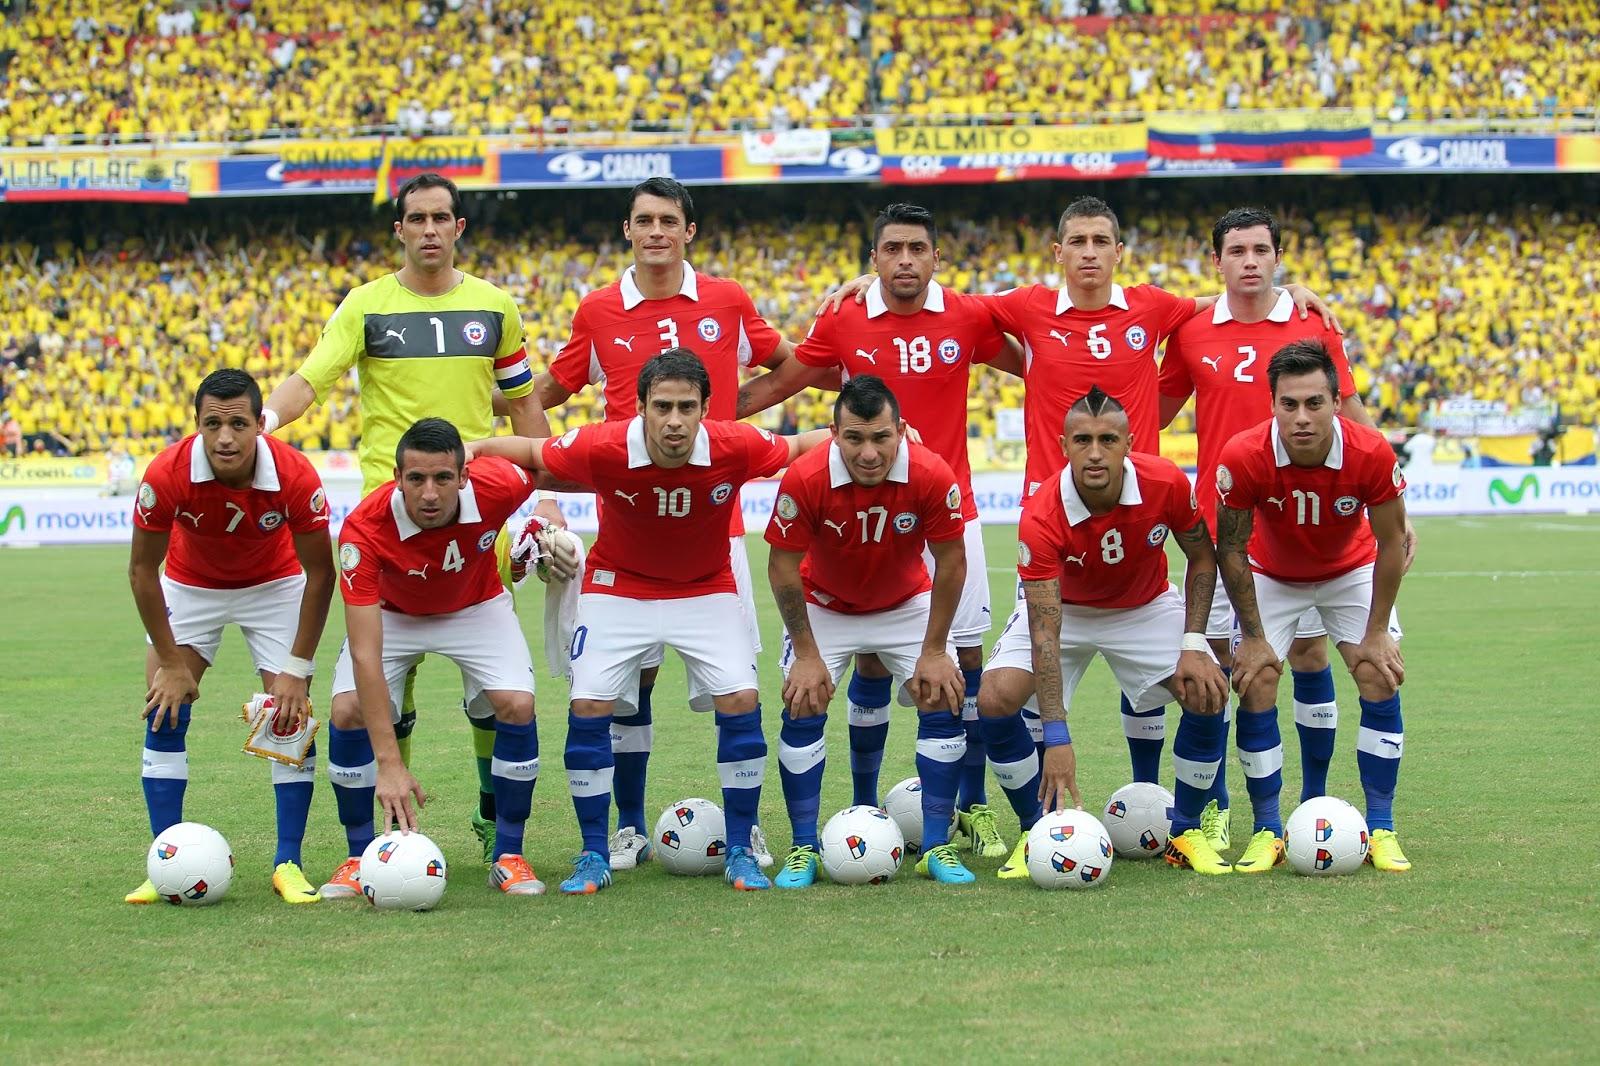 Formación de Chile ante Colombia, Clasificatorias Brasil 2014, 11 de octubre de 2013